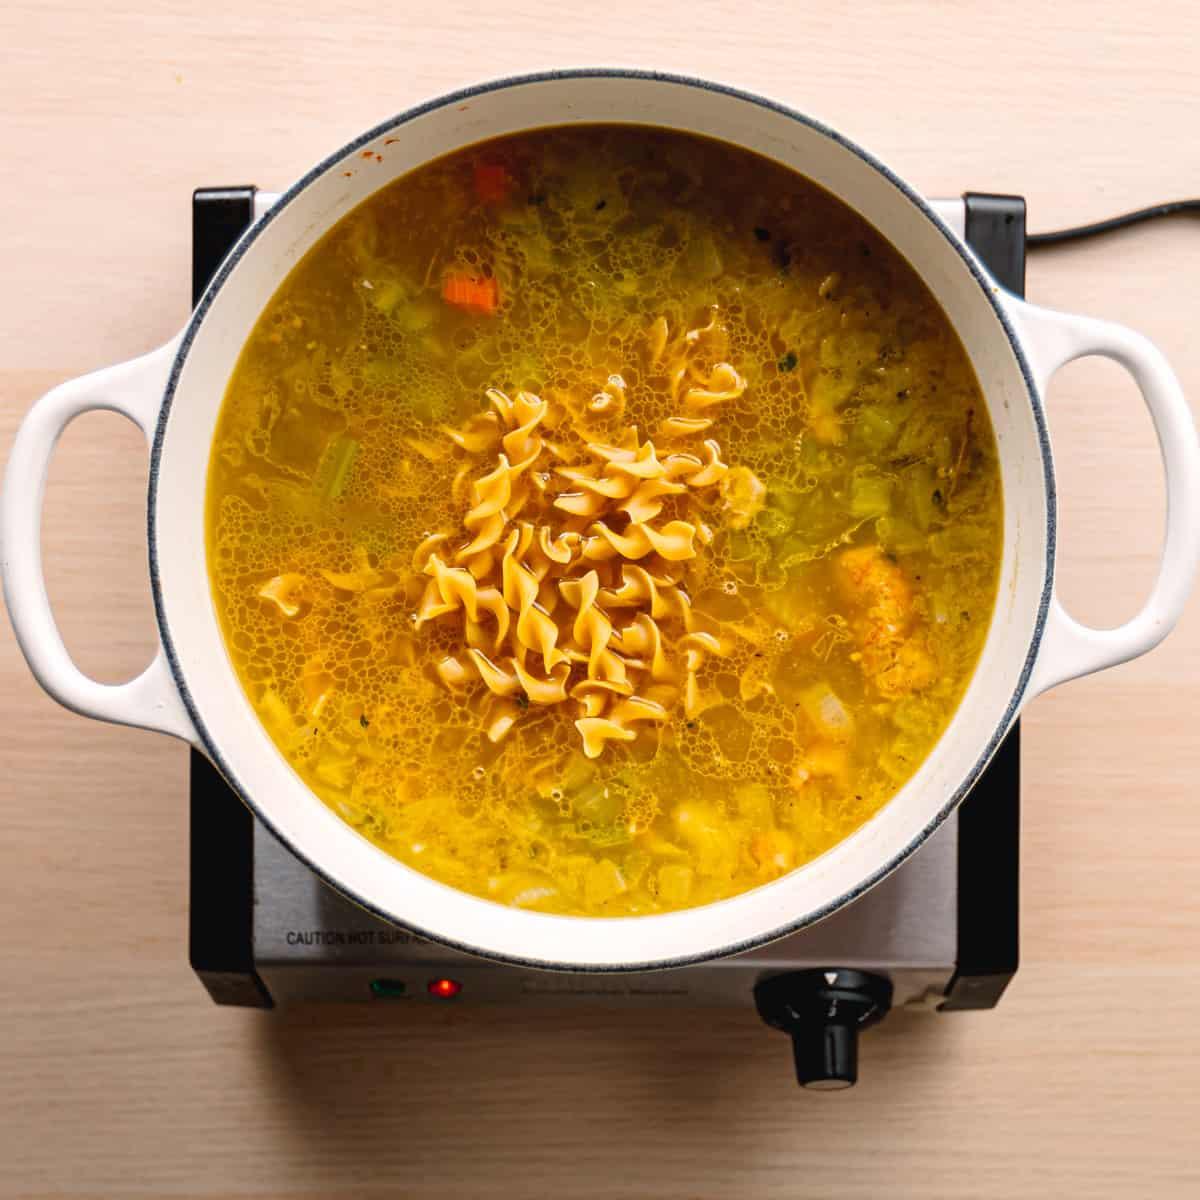 Egg Noodles Soup